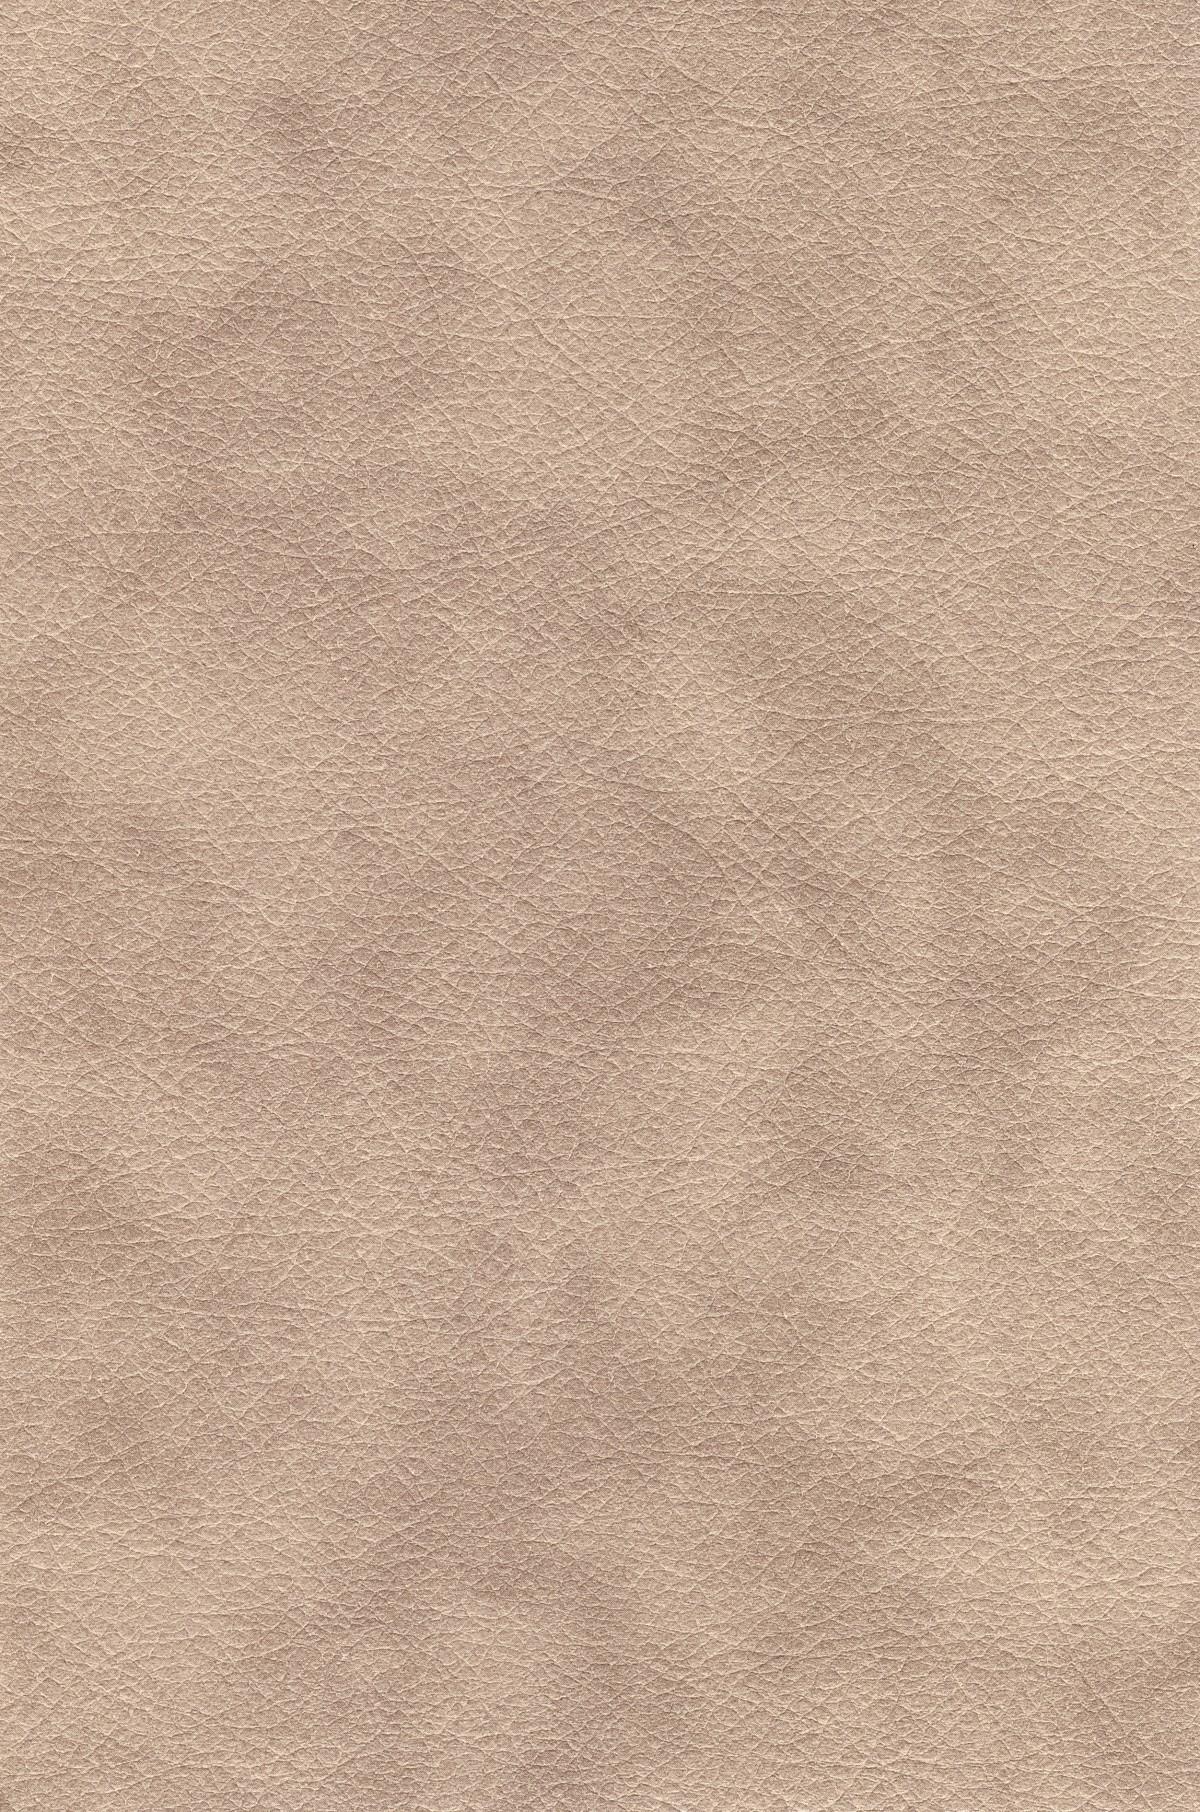 Decor Design Leather